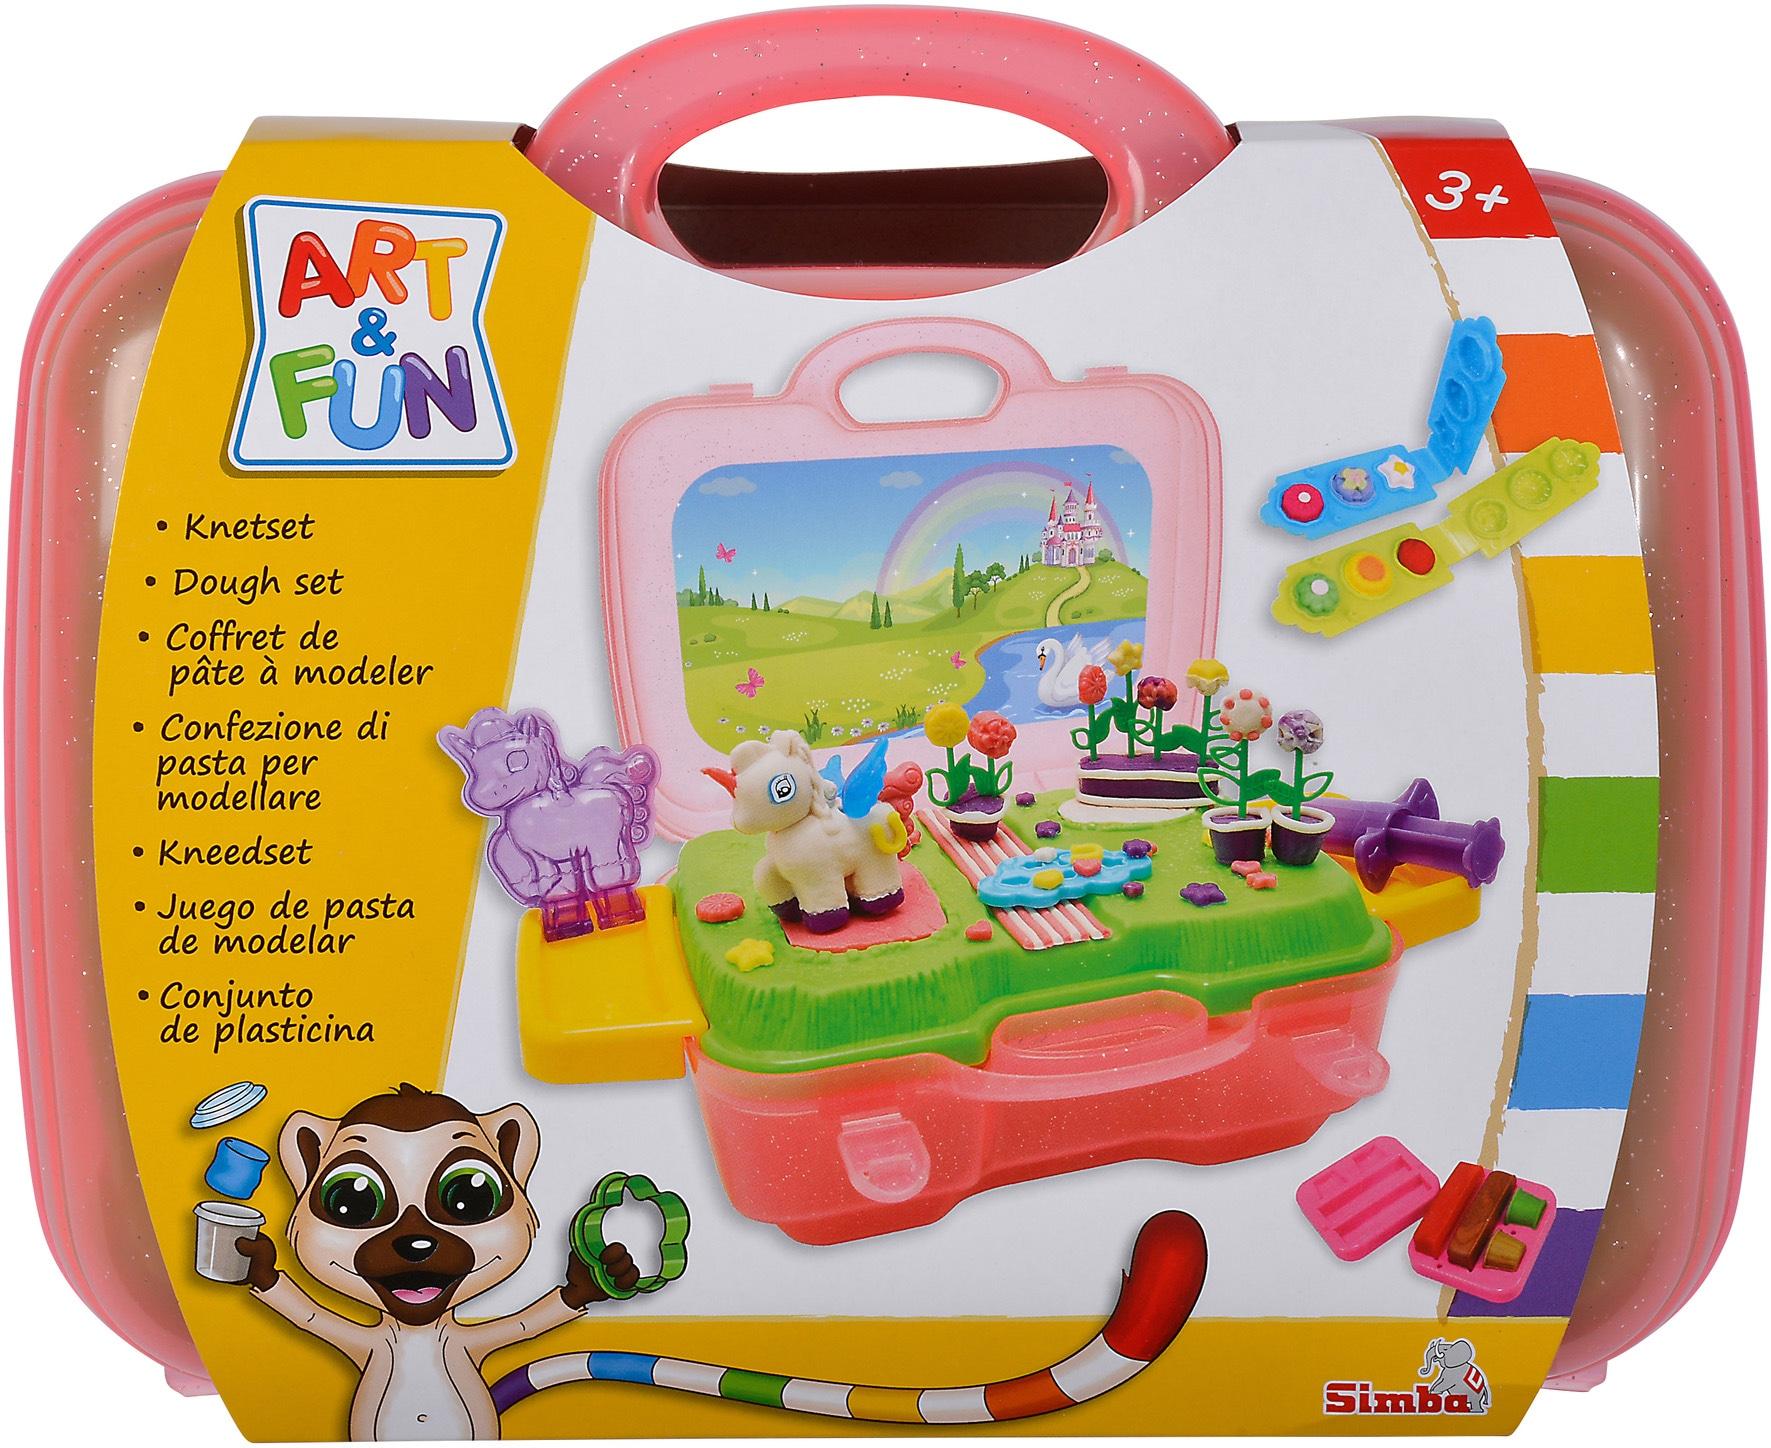 SIMBA Knete Art & Fun Knetset Einhorn, im Koffer bunt Kinder Kneten Modellieren Basteln, Malen, Kosmetik Schmuck